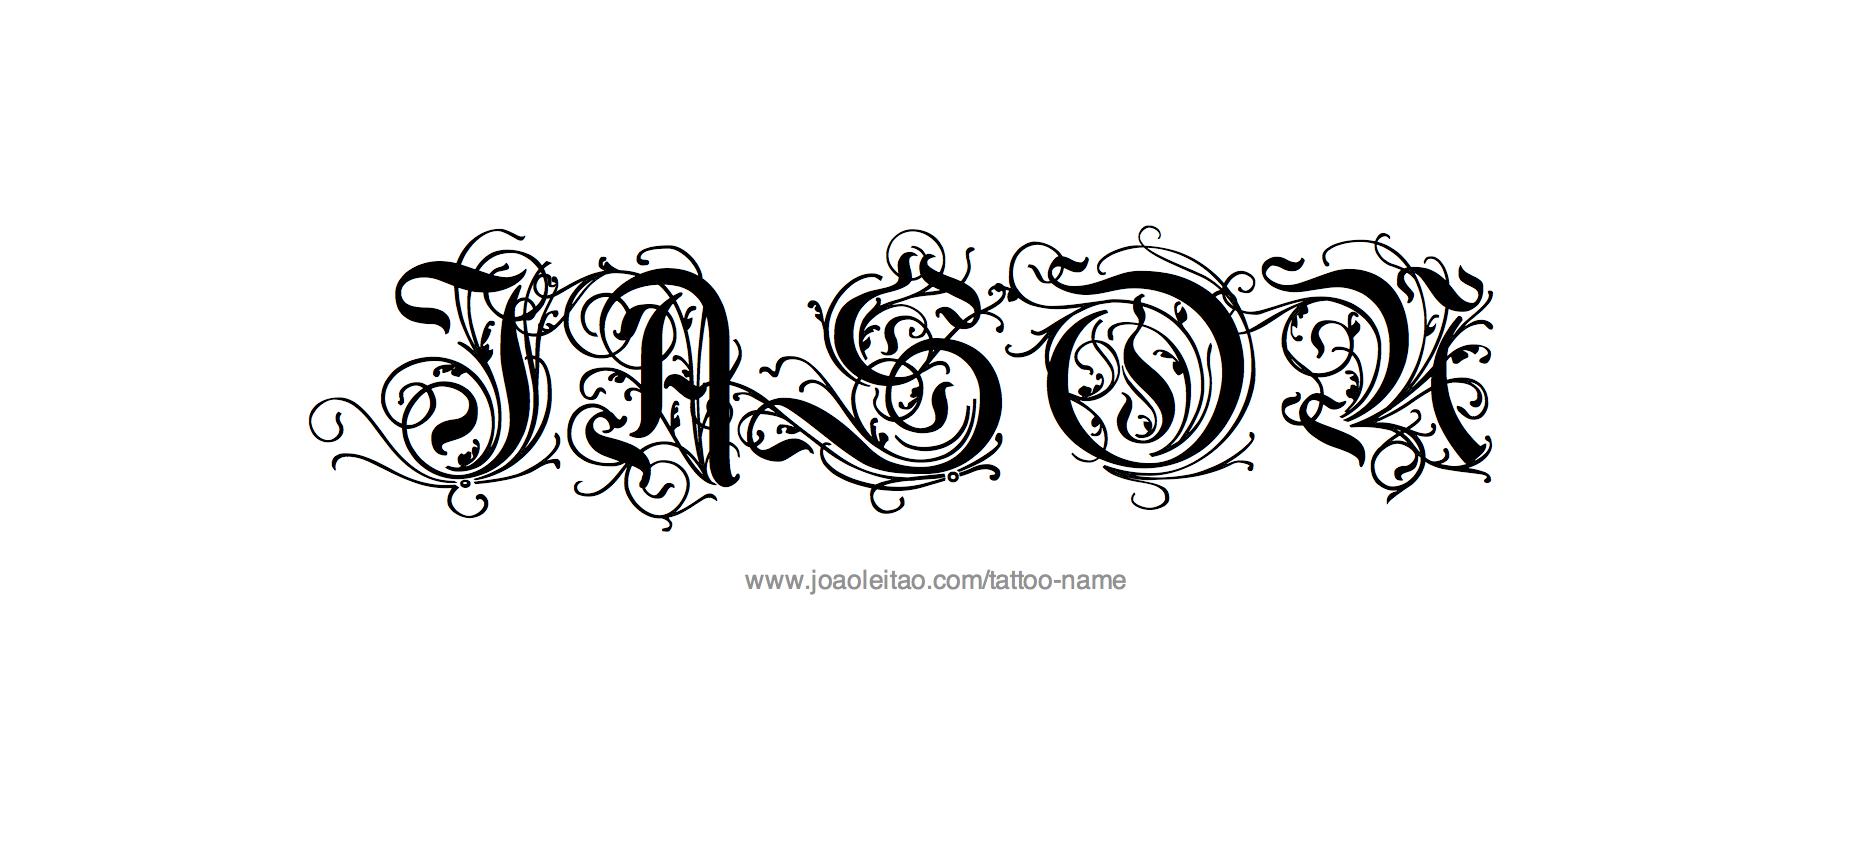 Jason Name Tattoo Designs Name Tattoos Name Tattoo Designs Name Tattoo